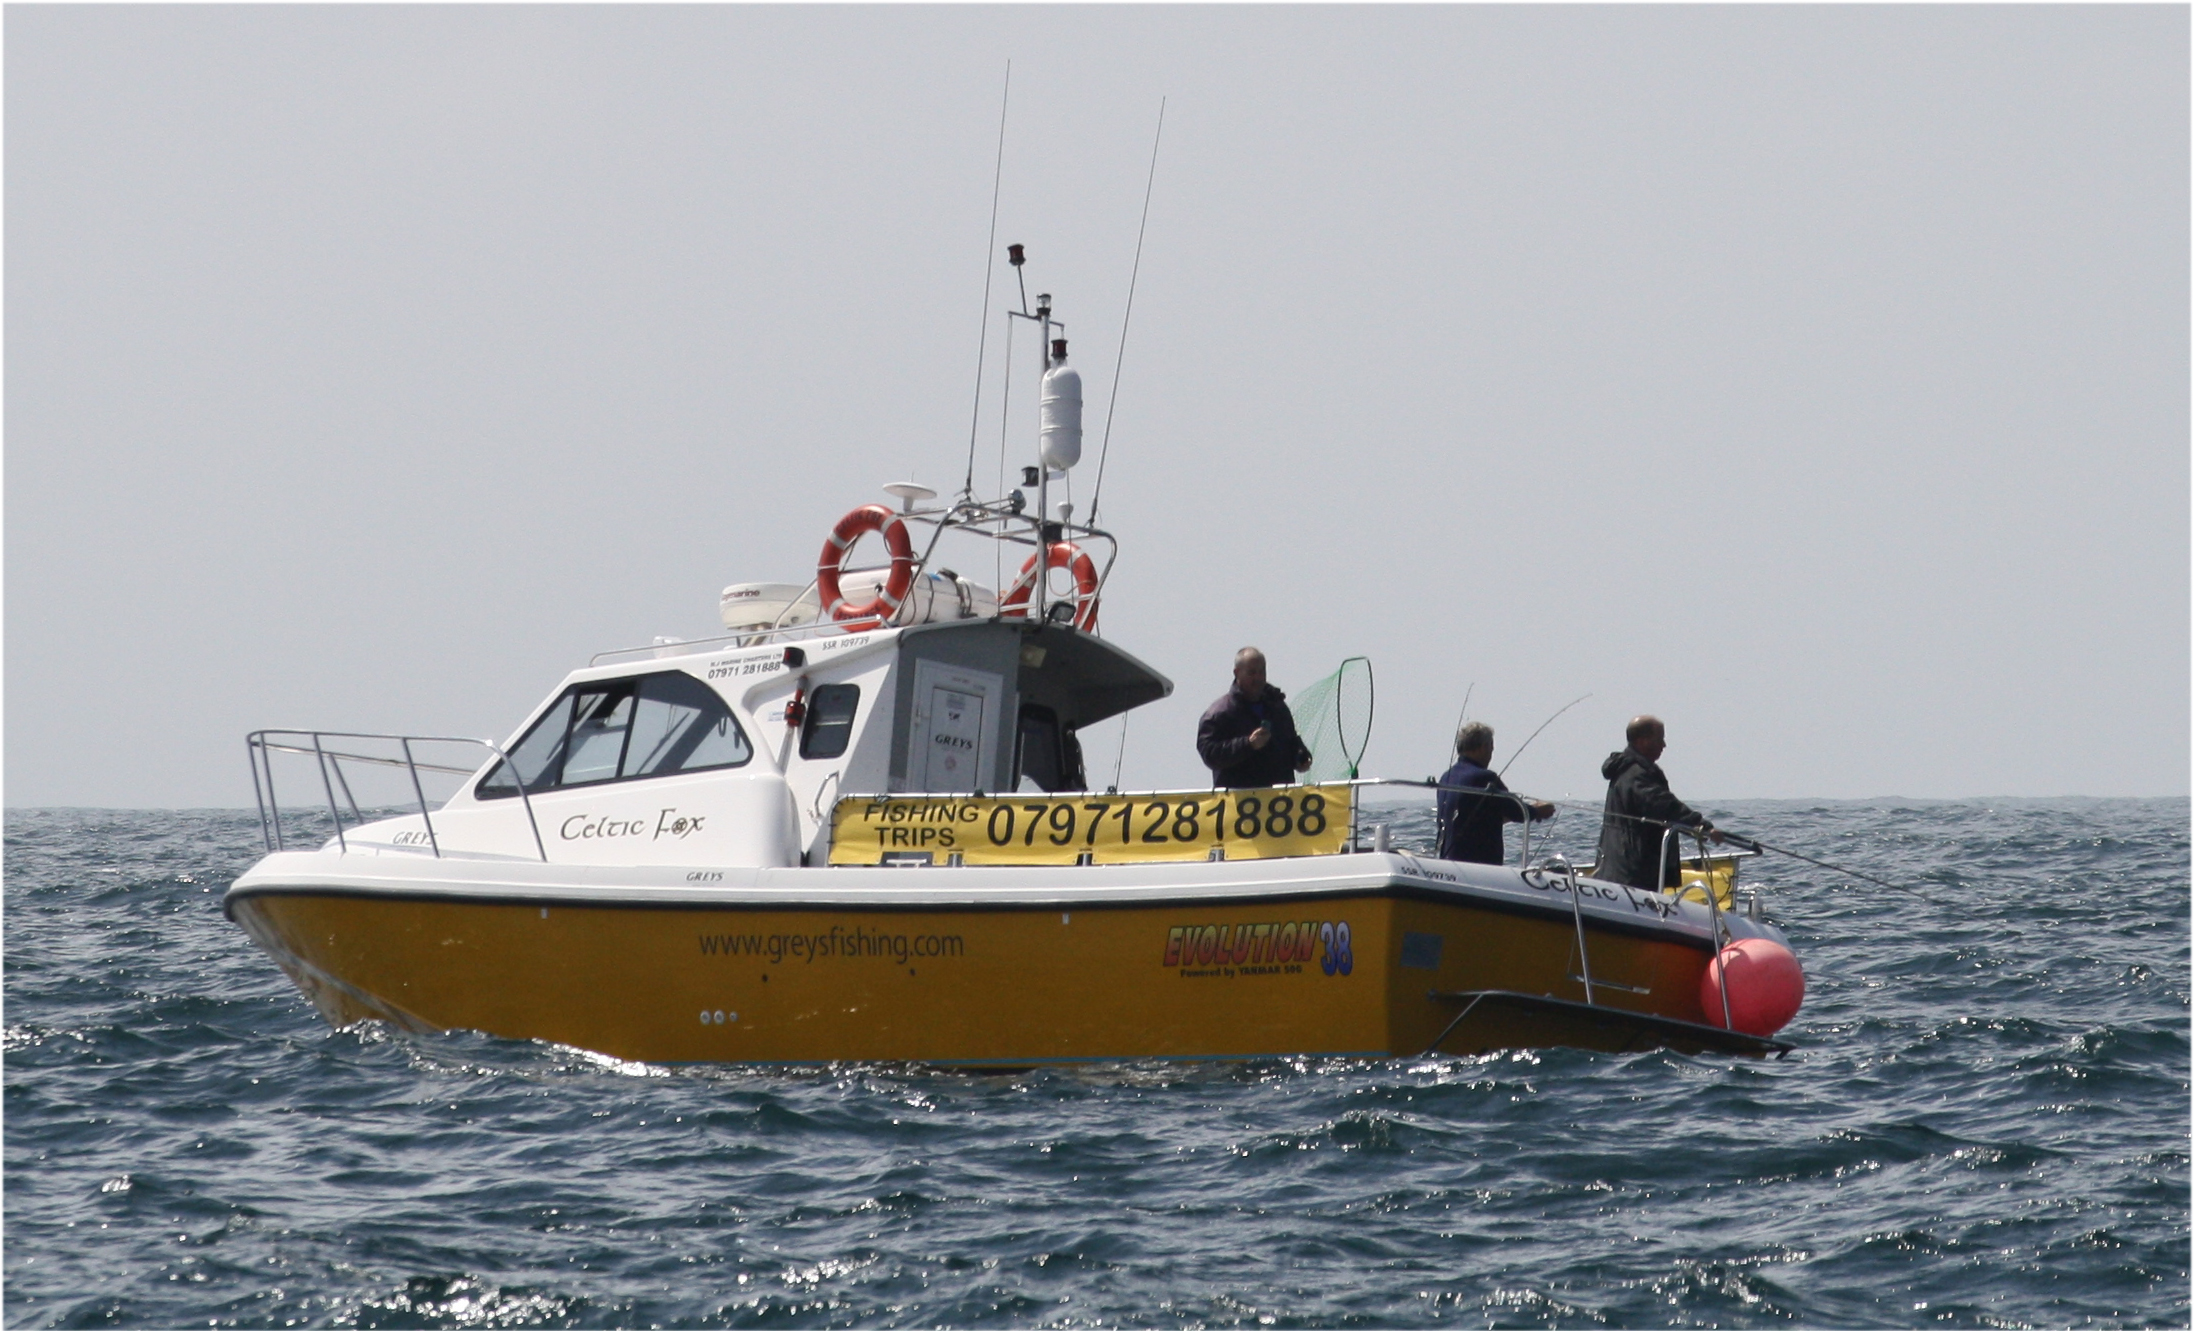 Shark fishing off West Cornwall